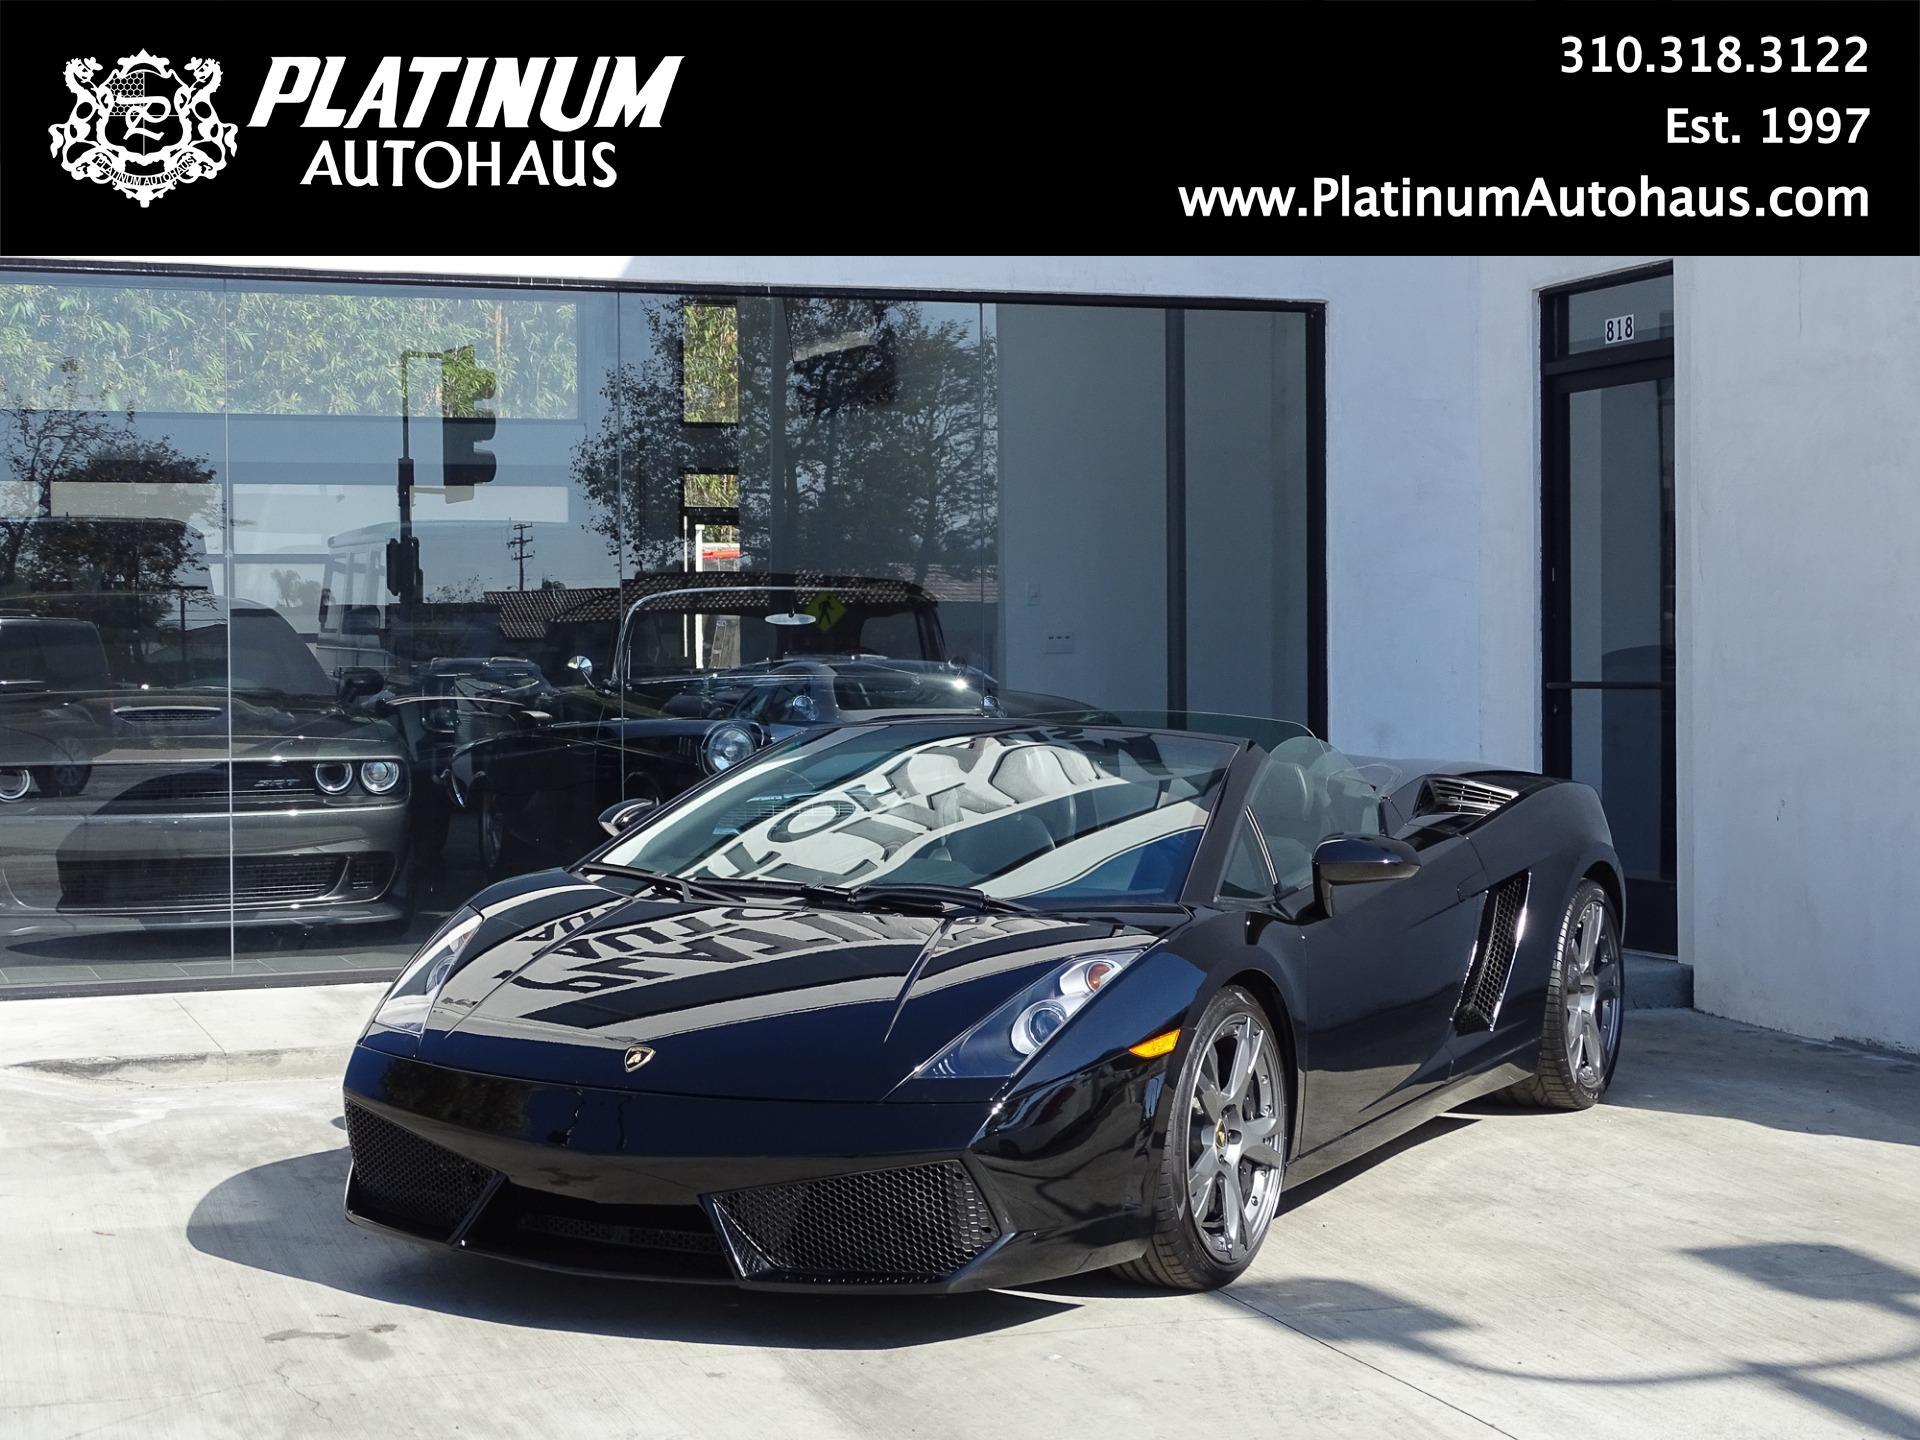 2007 Lamborghini Gallardo Spyder Stock 6314 For Sale Near Redondo